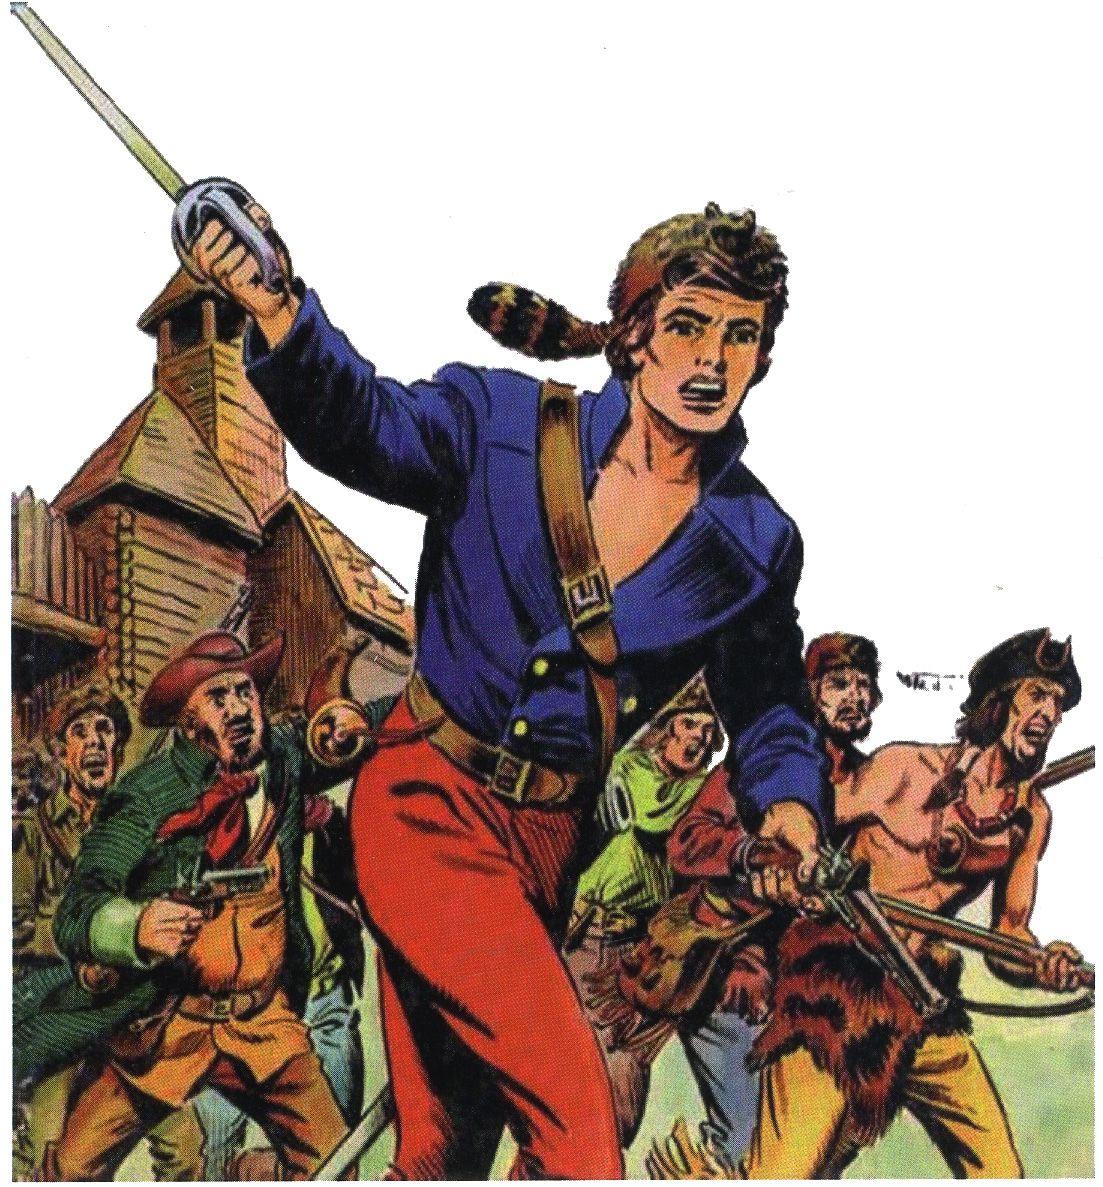 Bien connu Captain' Swing, étude sur un combattant de la liberté | Bulles  UD92